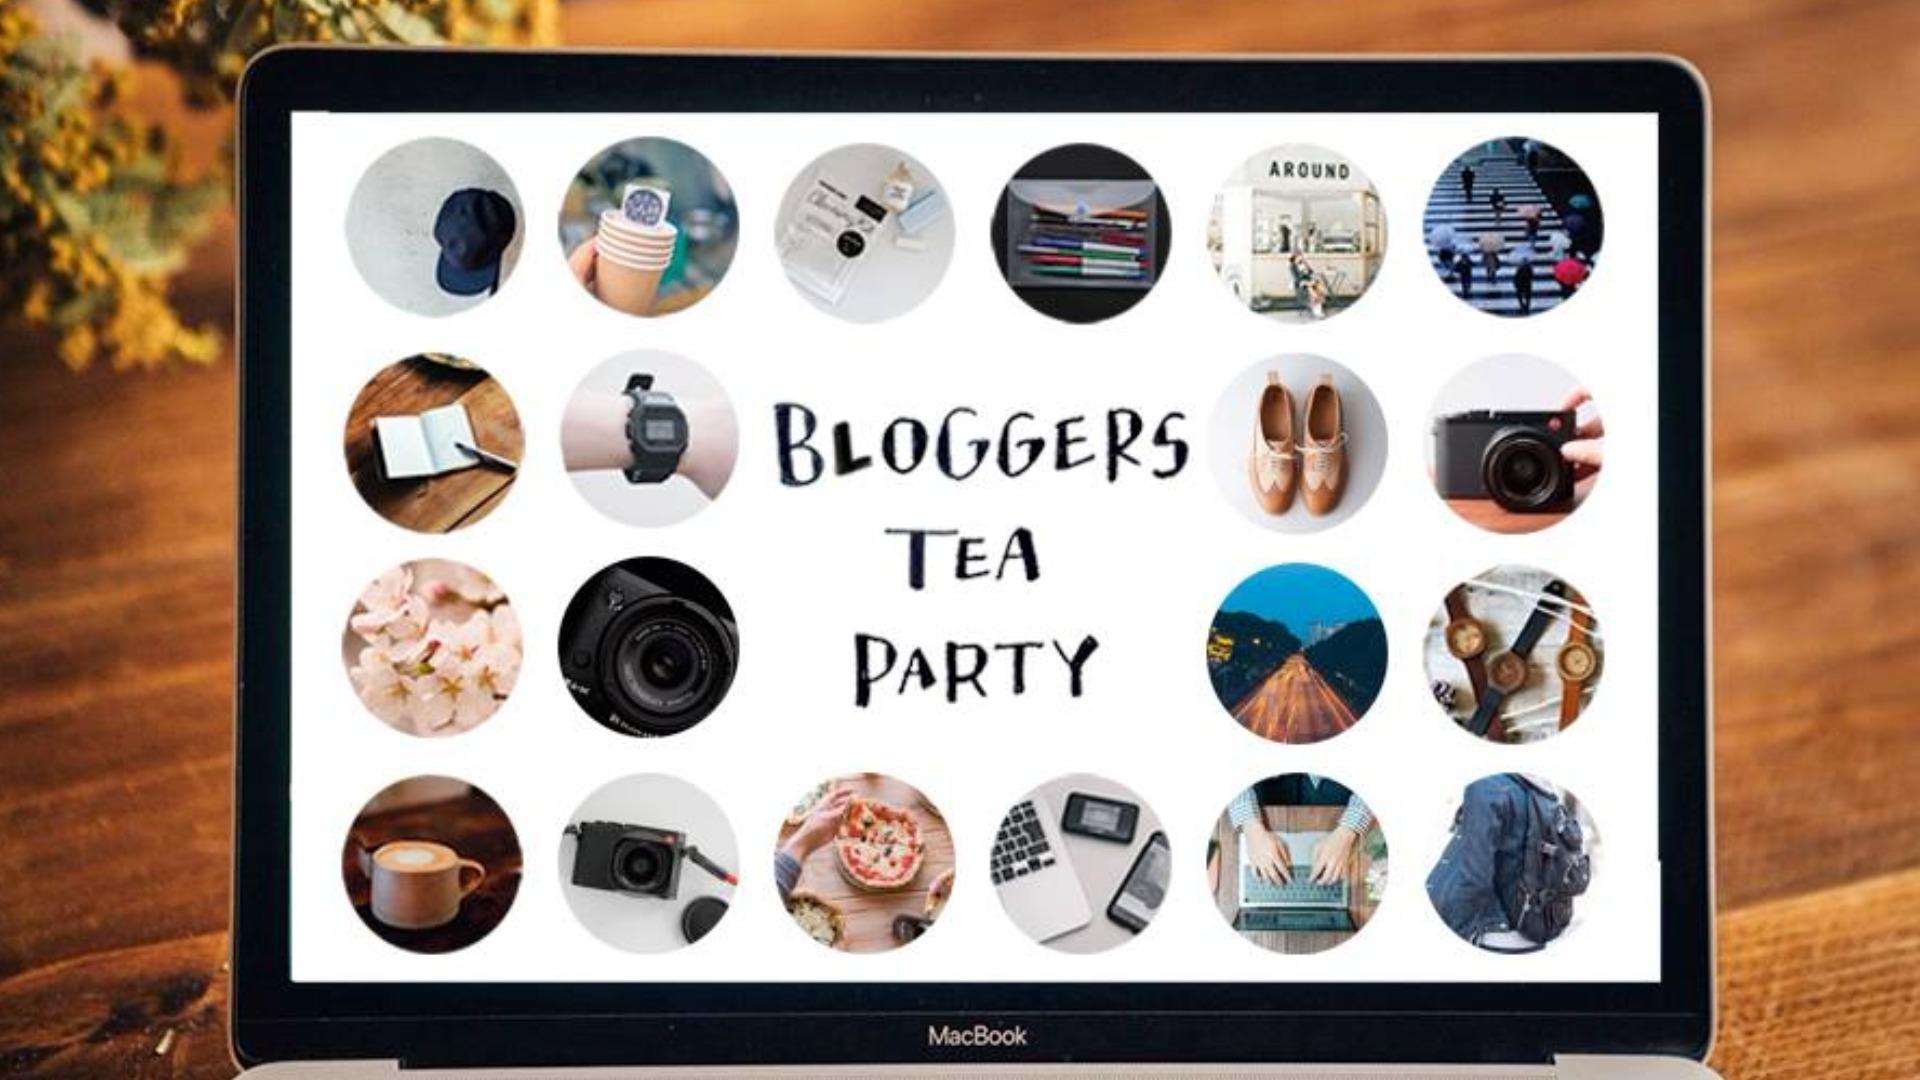 BLOGGERS TEA PARTY -それ、記事にしてみたら?-